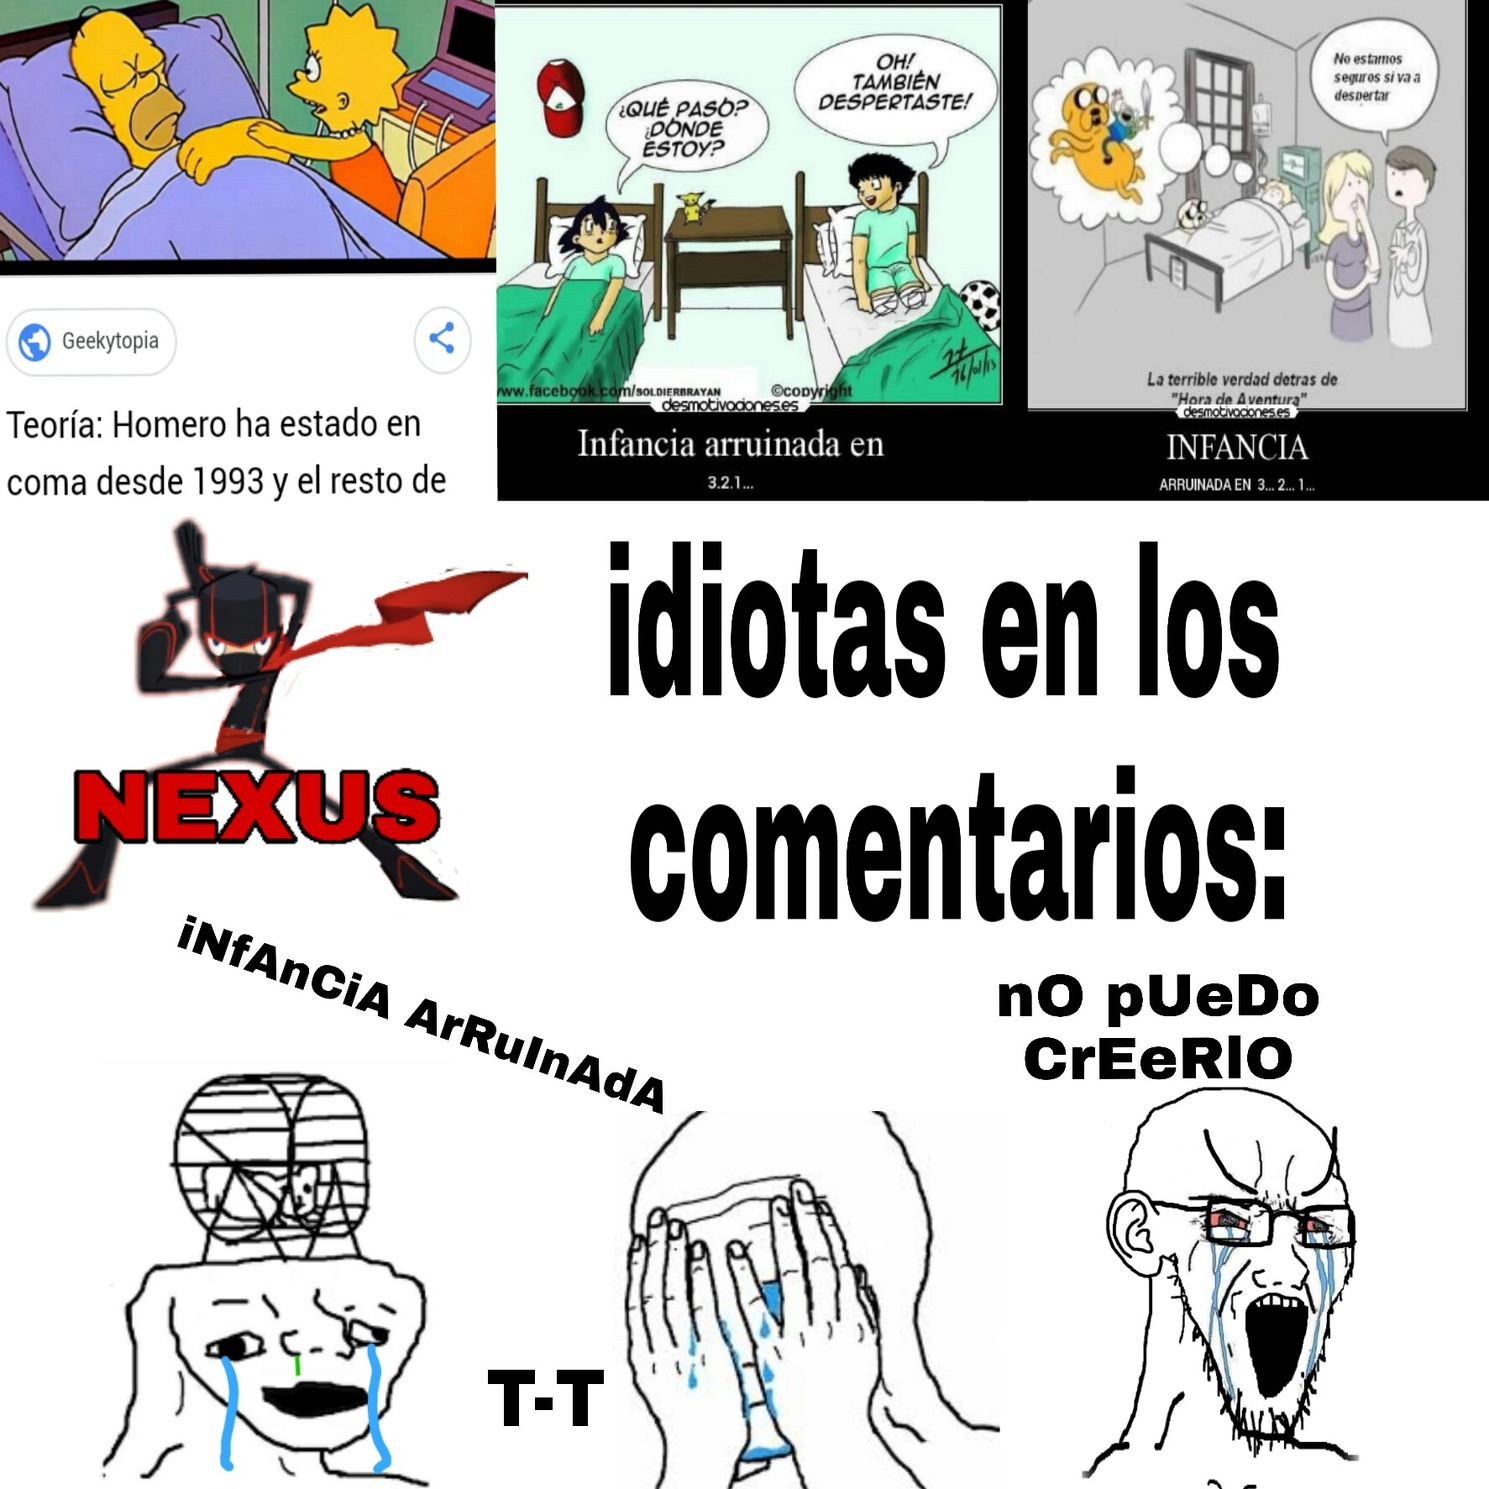 InFaNcIa ArRuInAdA - meme